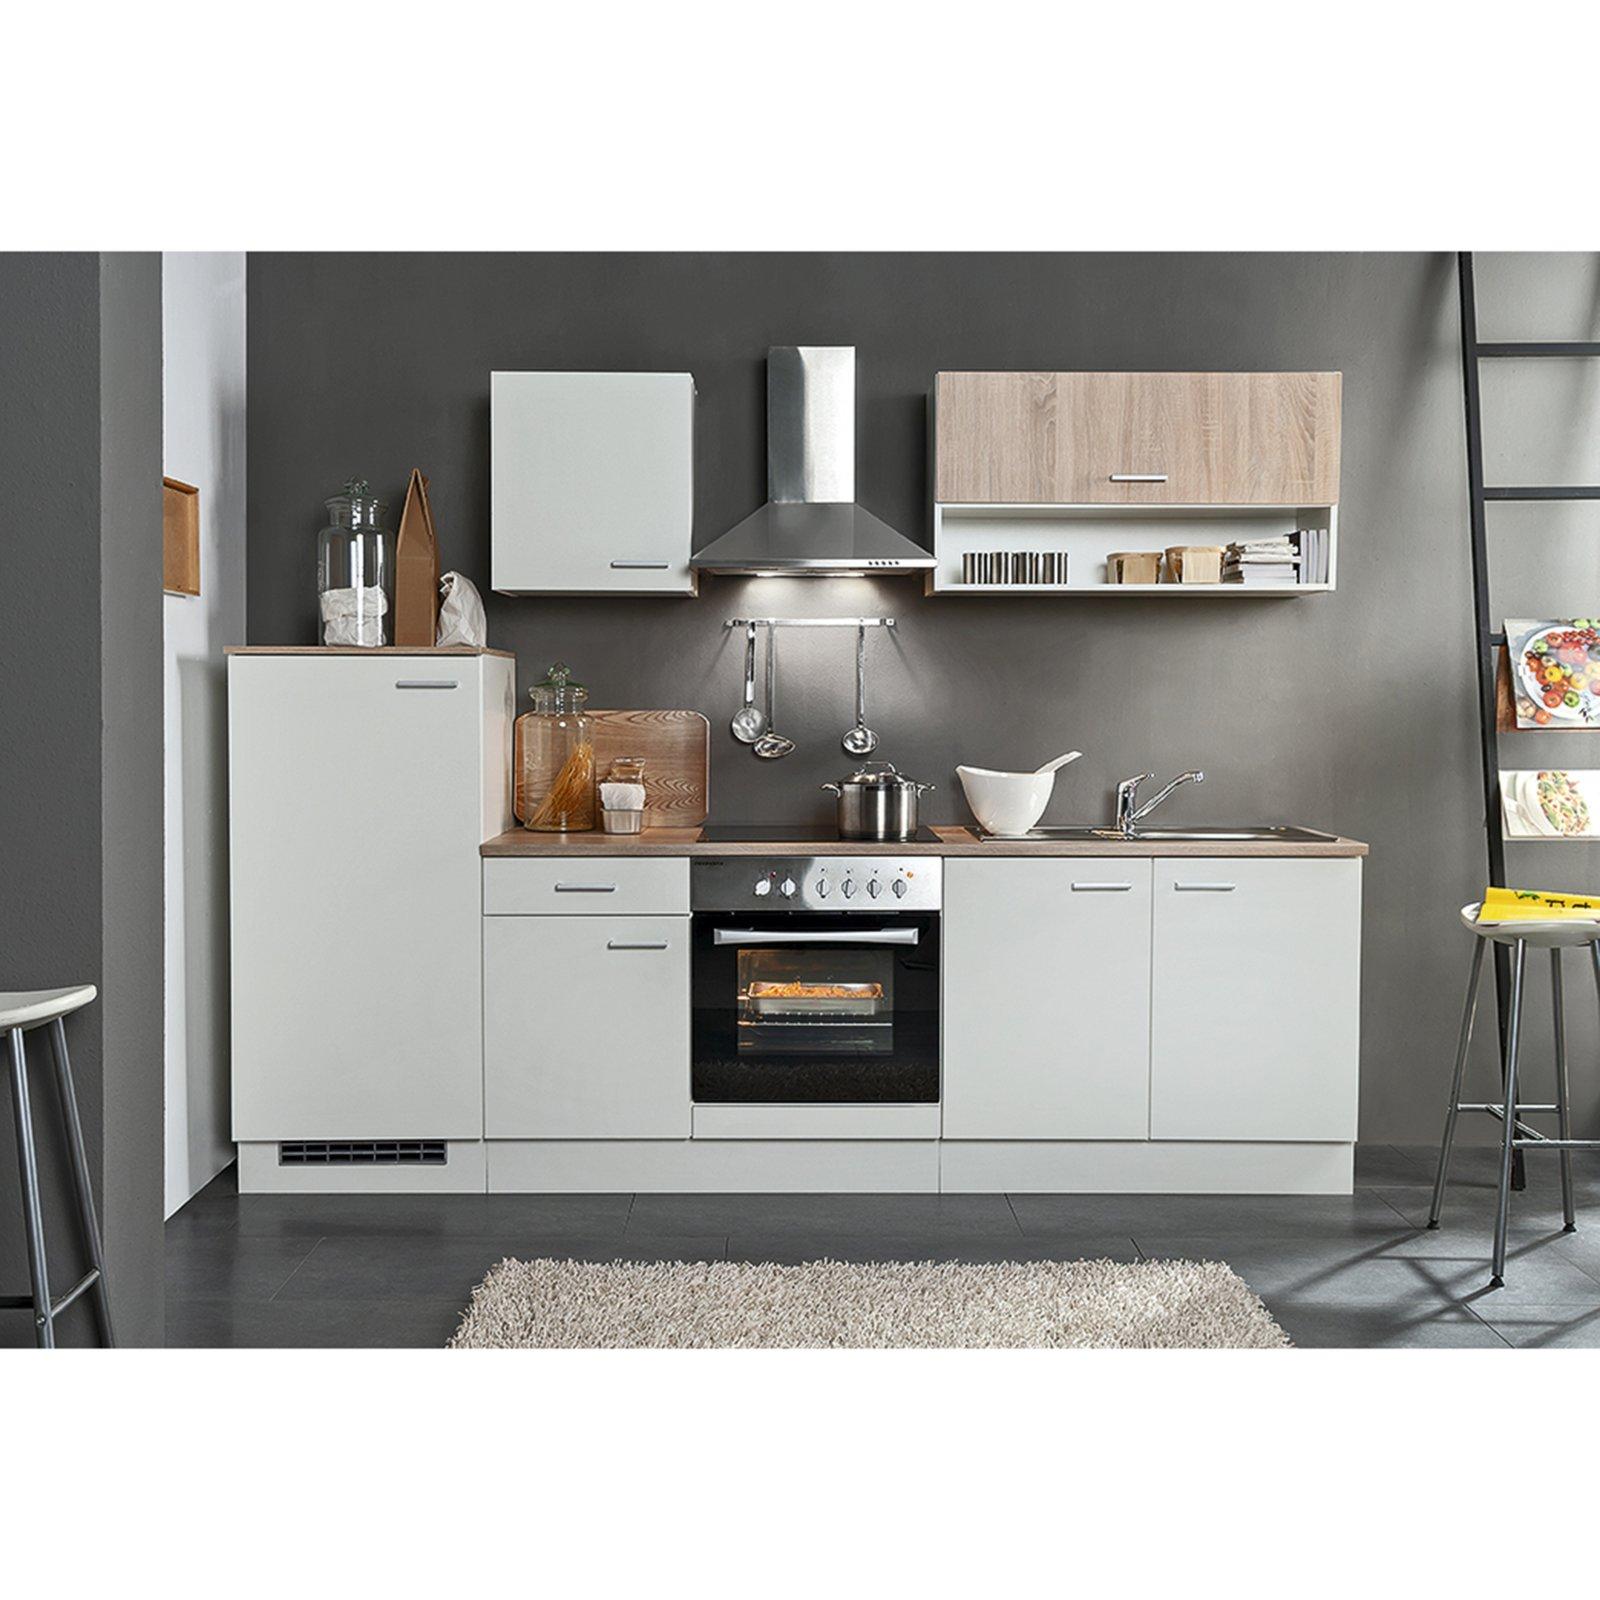 Küchenblock NORA - weiß - Sonoma Eiche - 270 cm | Online bei ROLLER ...